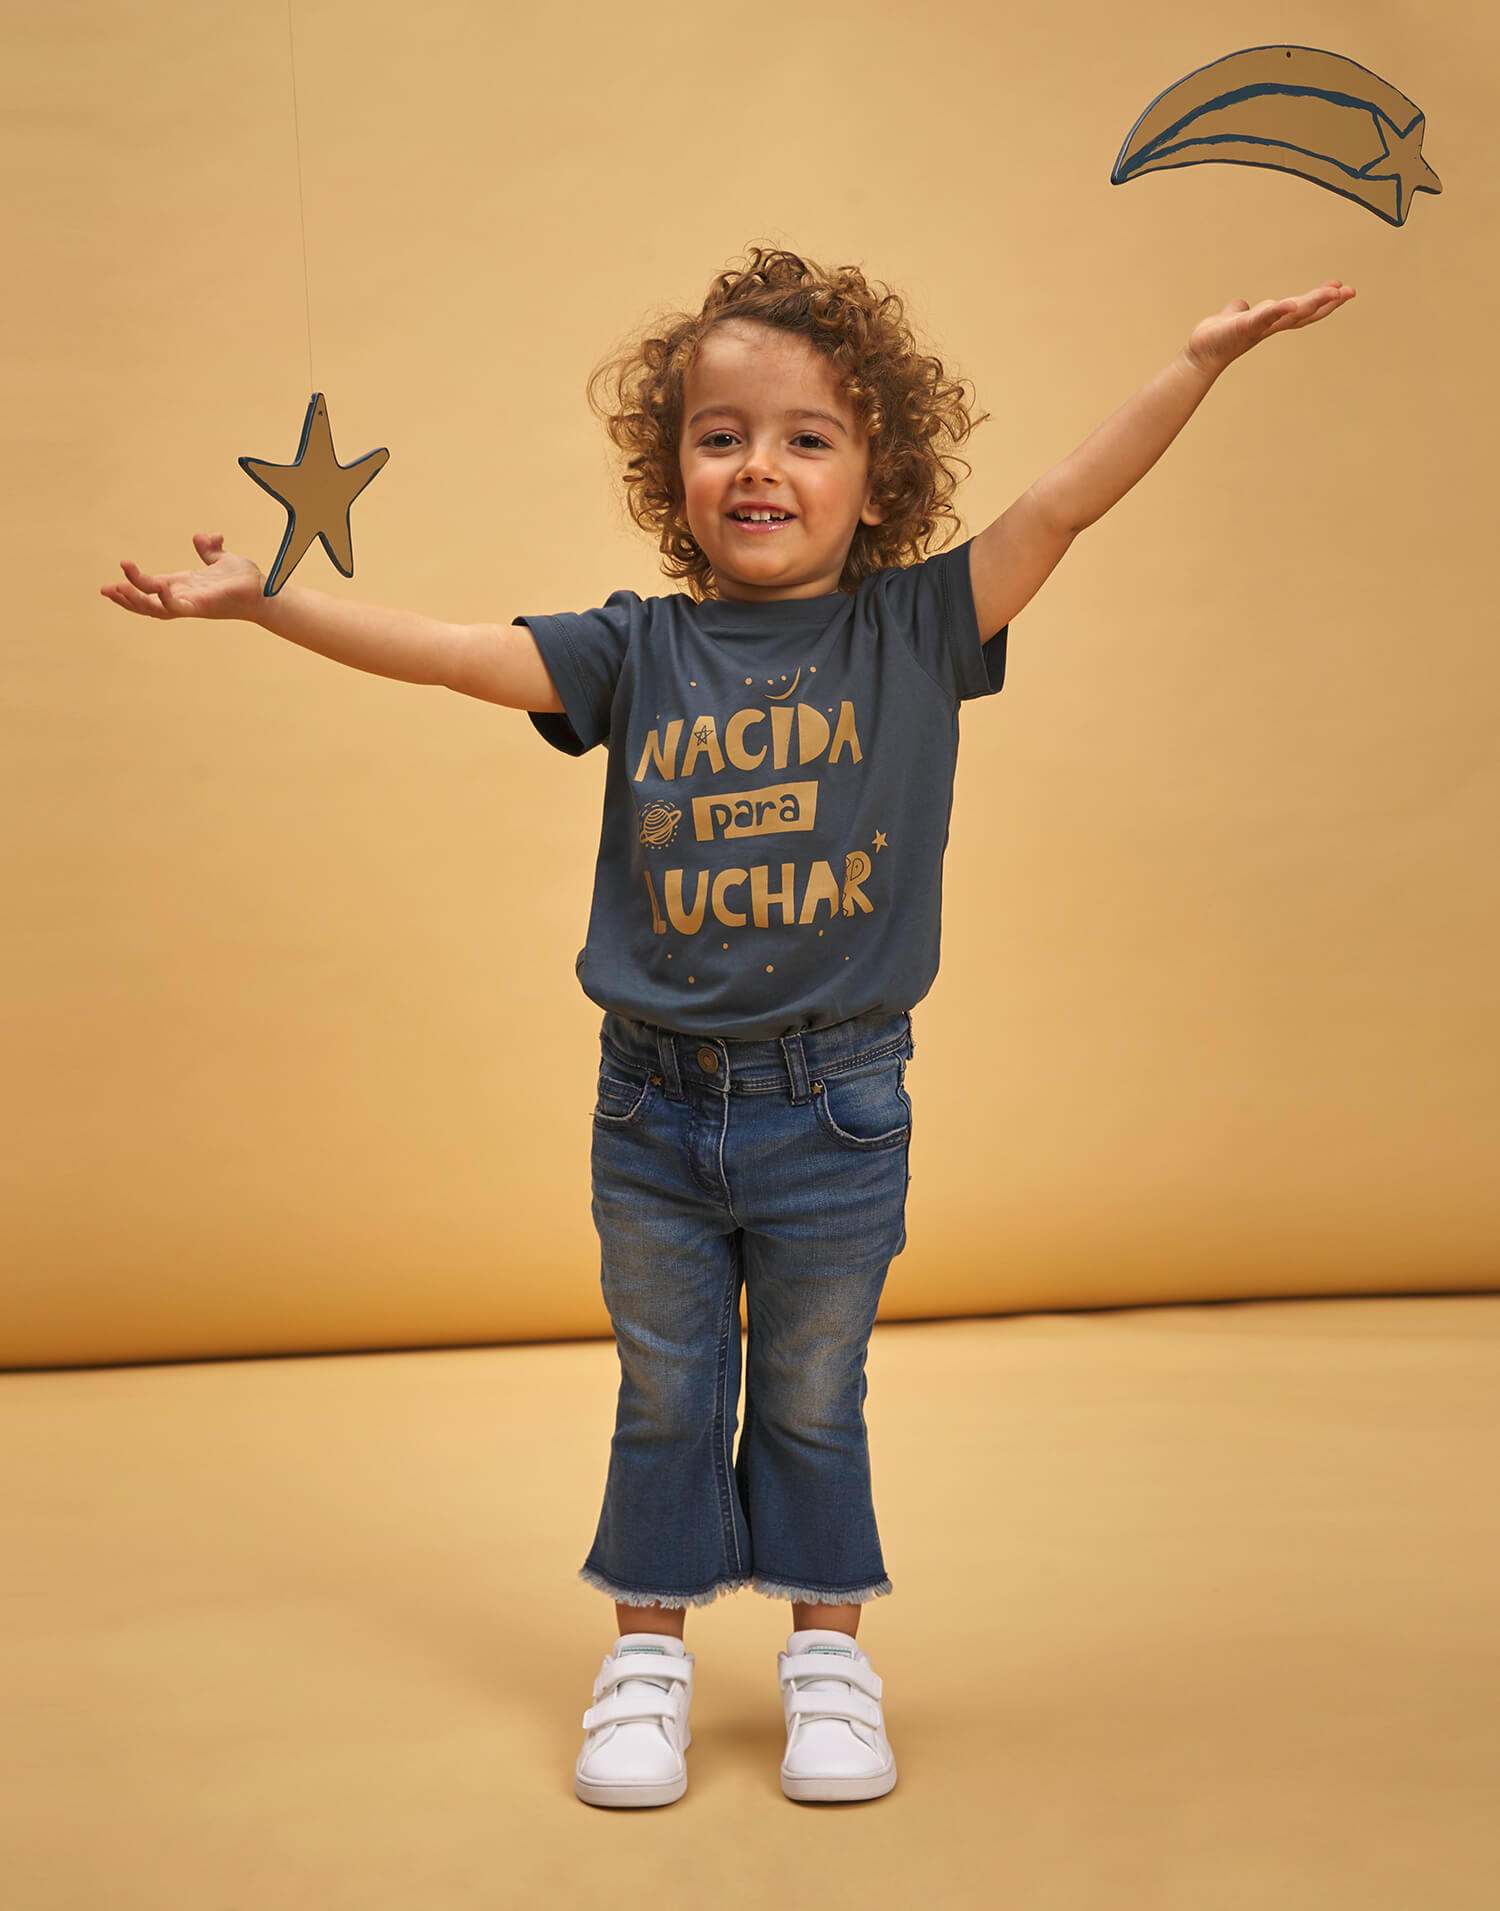 Camiseta de niña 'Nacida para luchar'